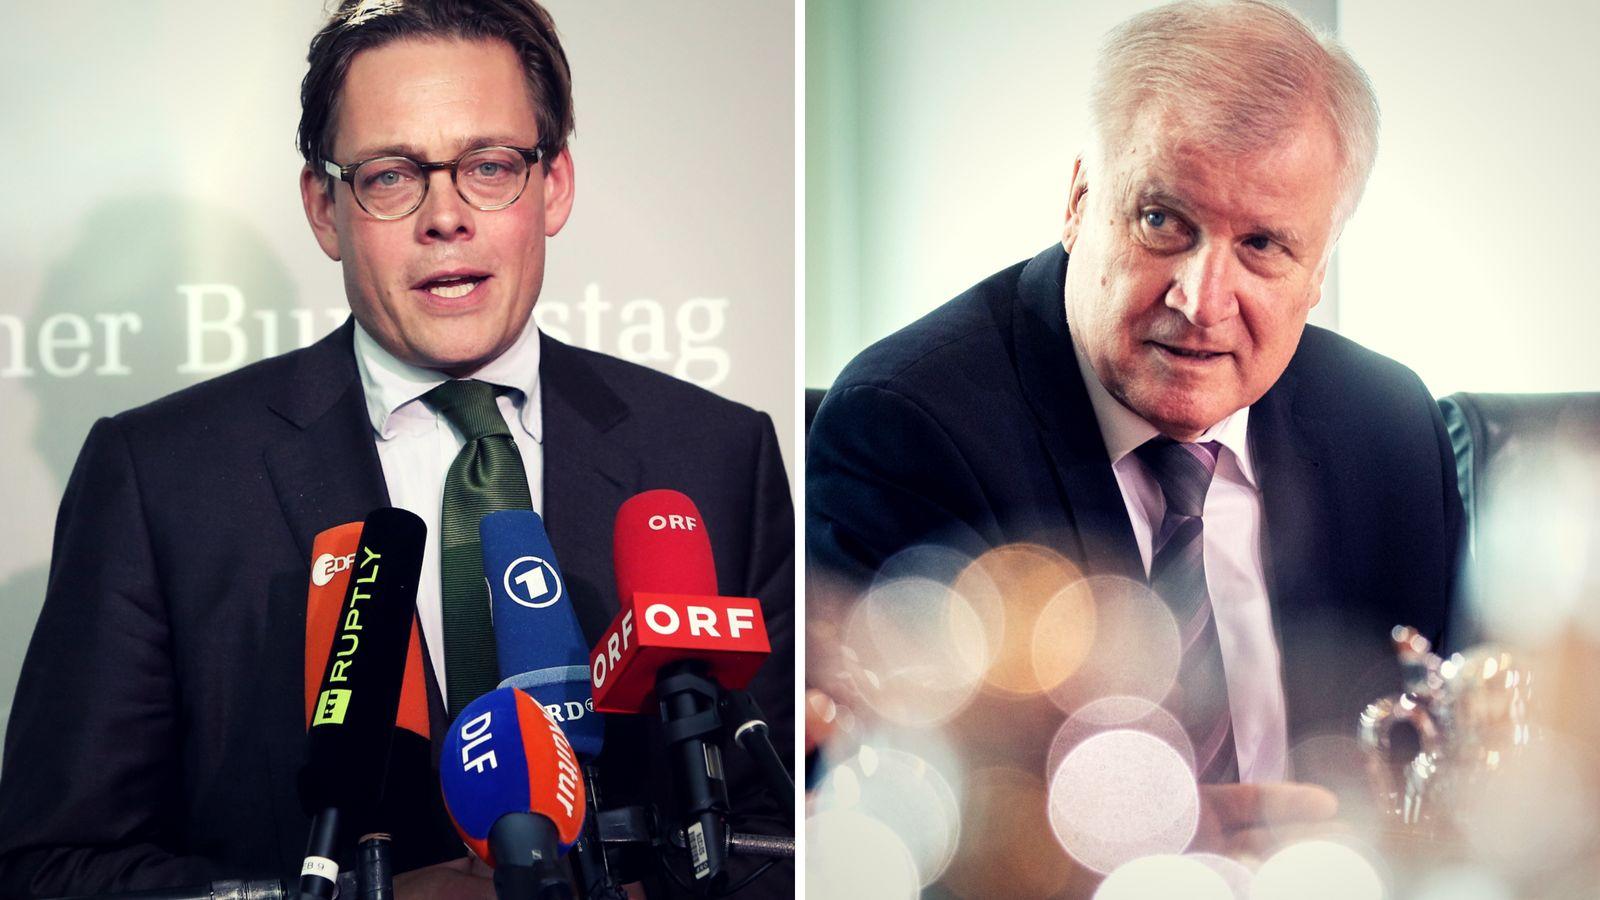 Bamf-Skandal: Grünen-Politiker glaubt, Seehofer will Aufklärung hinauszögern